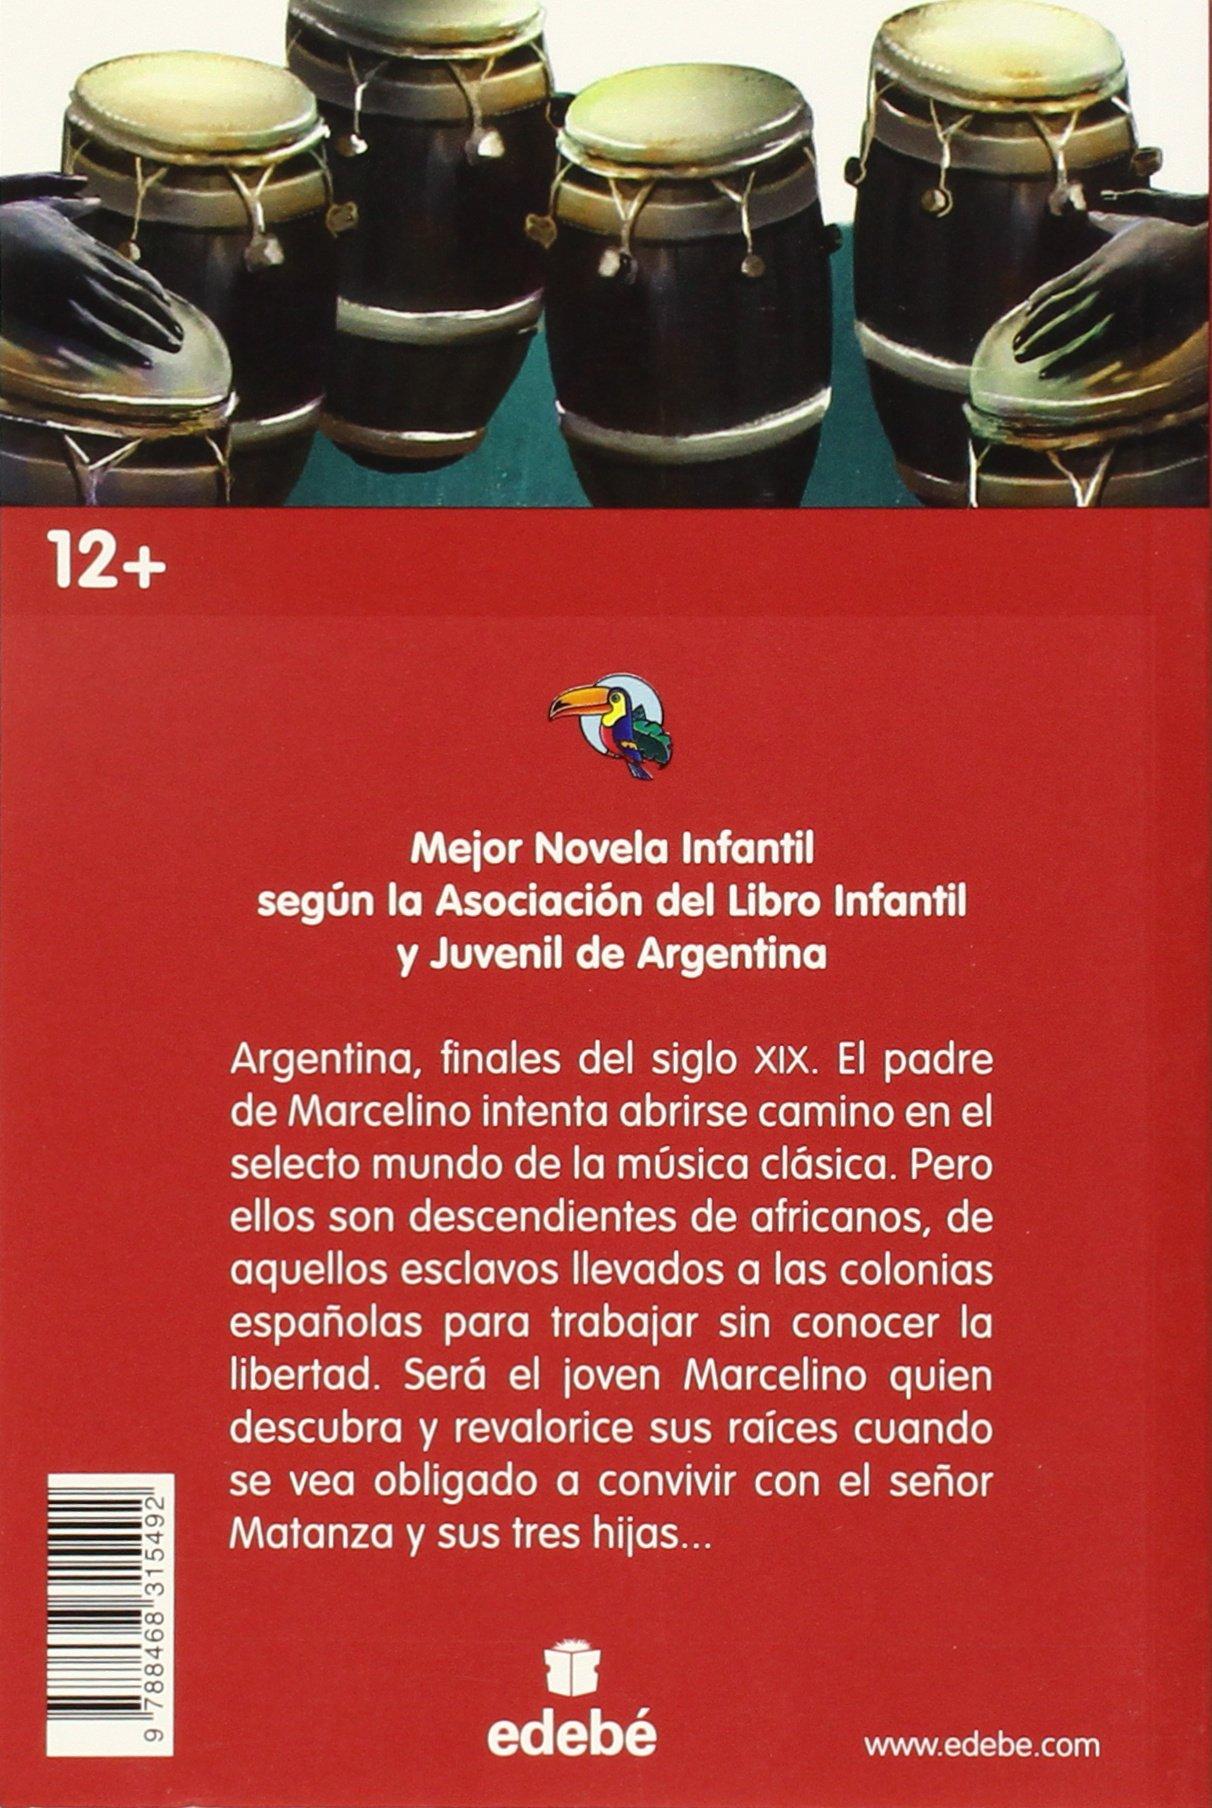 La sociedad secreta de las hermanas Matanza (Spanish Edition): Laura Ávila, Edebé, Leicia Gotlibowski: 9788468315492: Amazon.com: Books